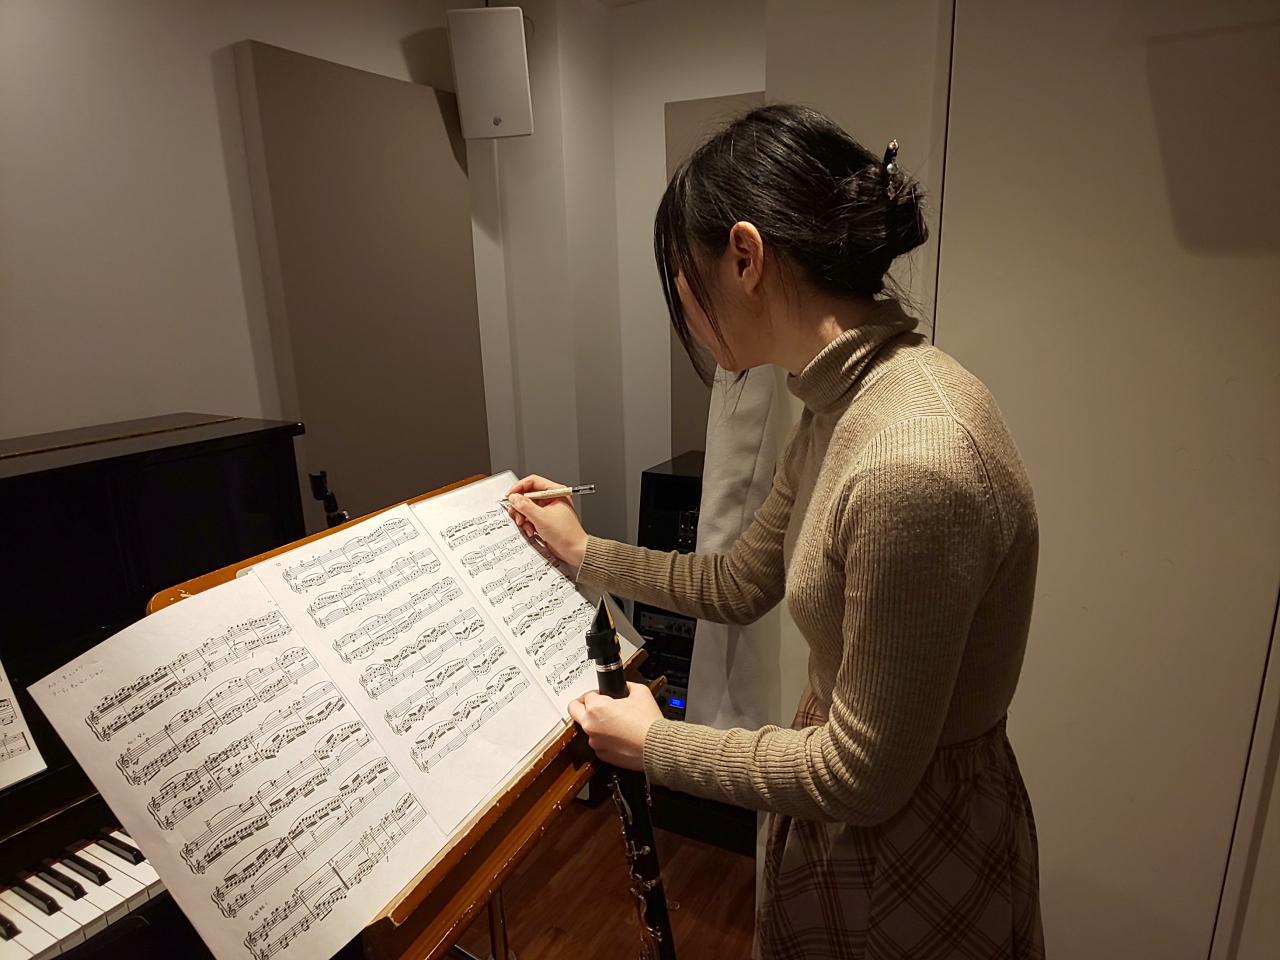 楽譜に書き込みをする生徒